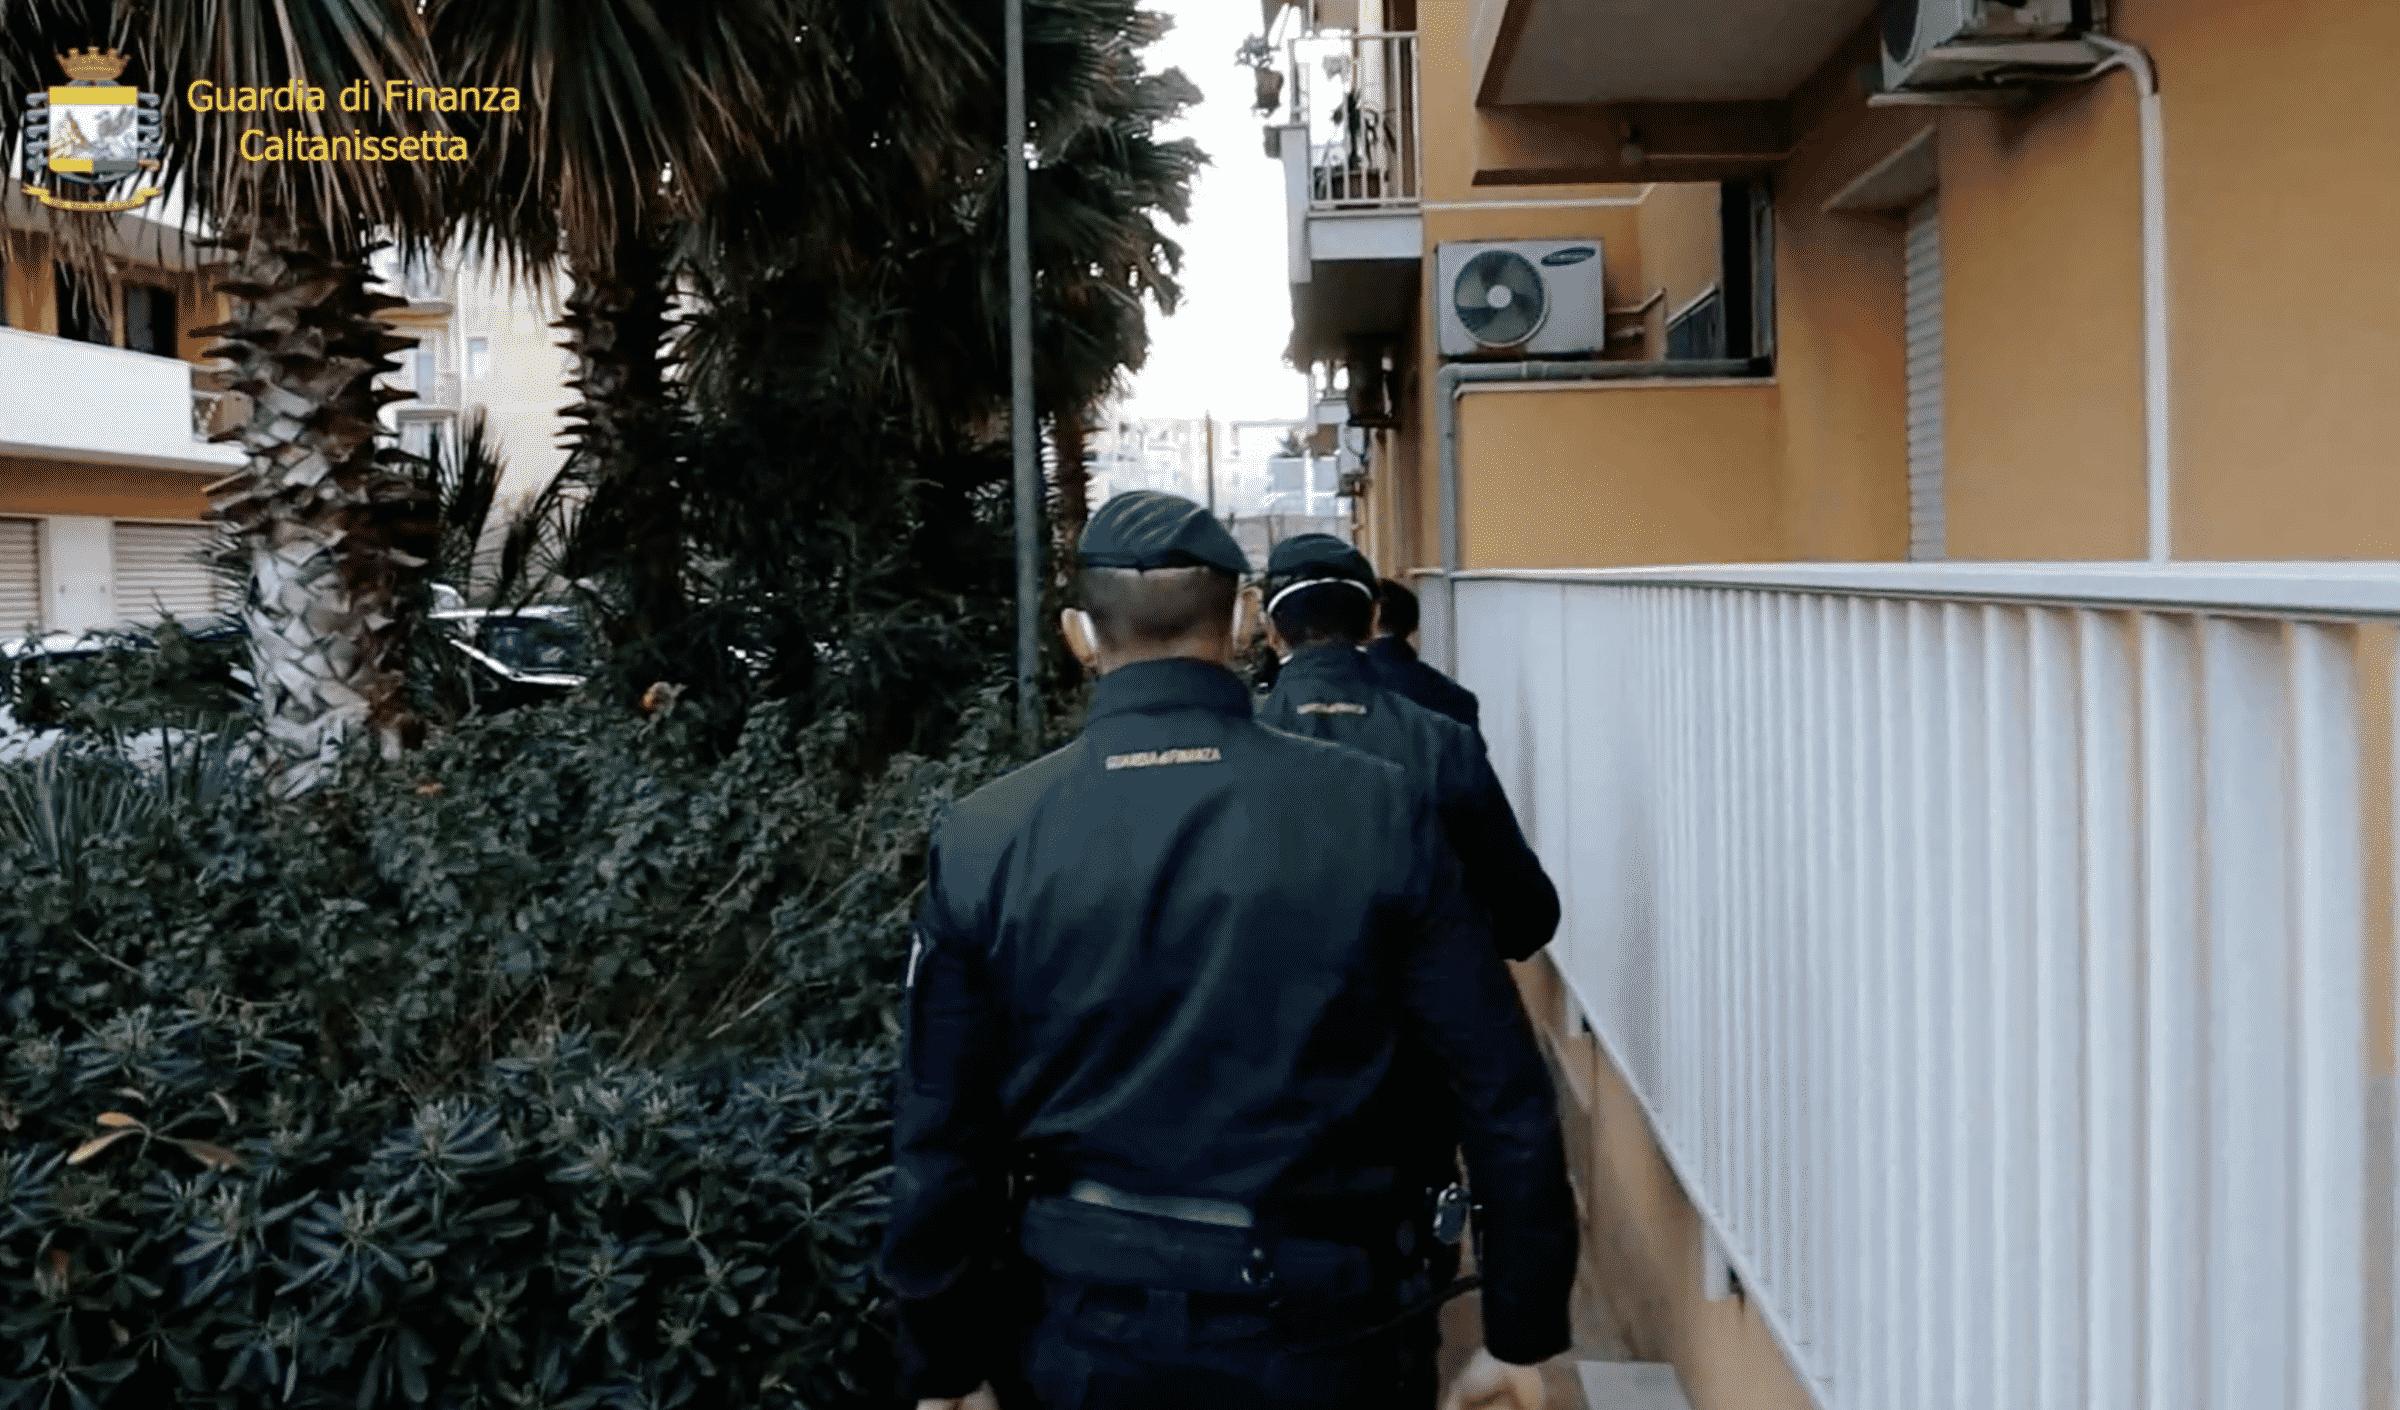 Bancarotta fraudolenta e autoriciclaggio: 8 arresti, coinvolti due catanesi – IL VIDEO